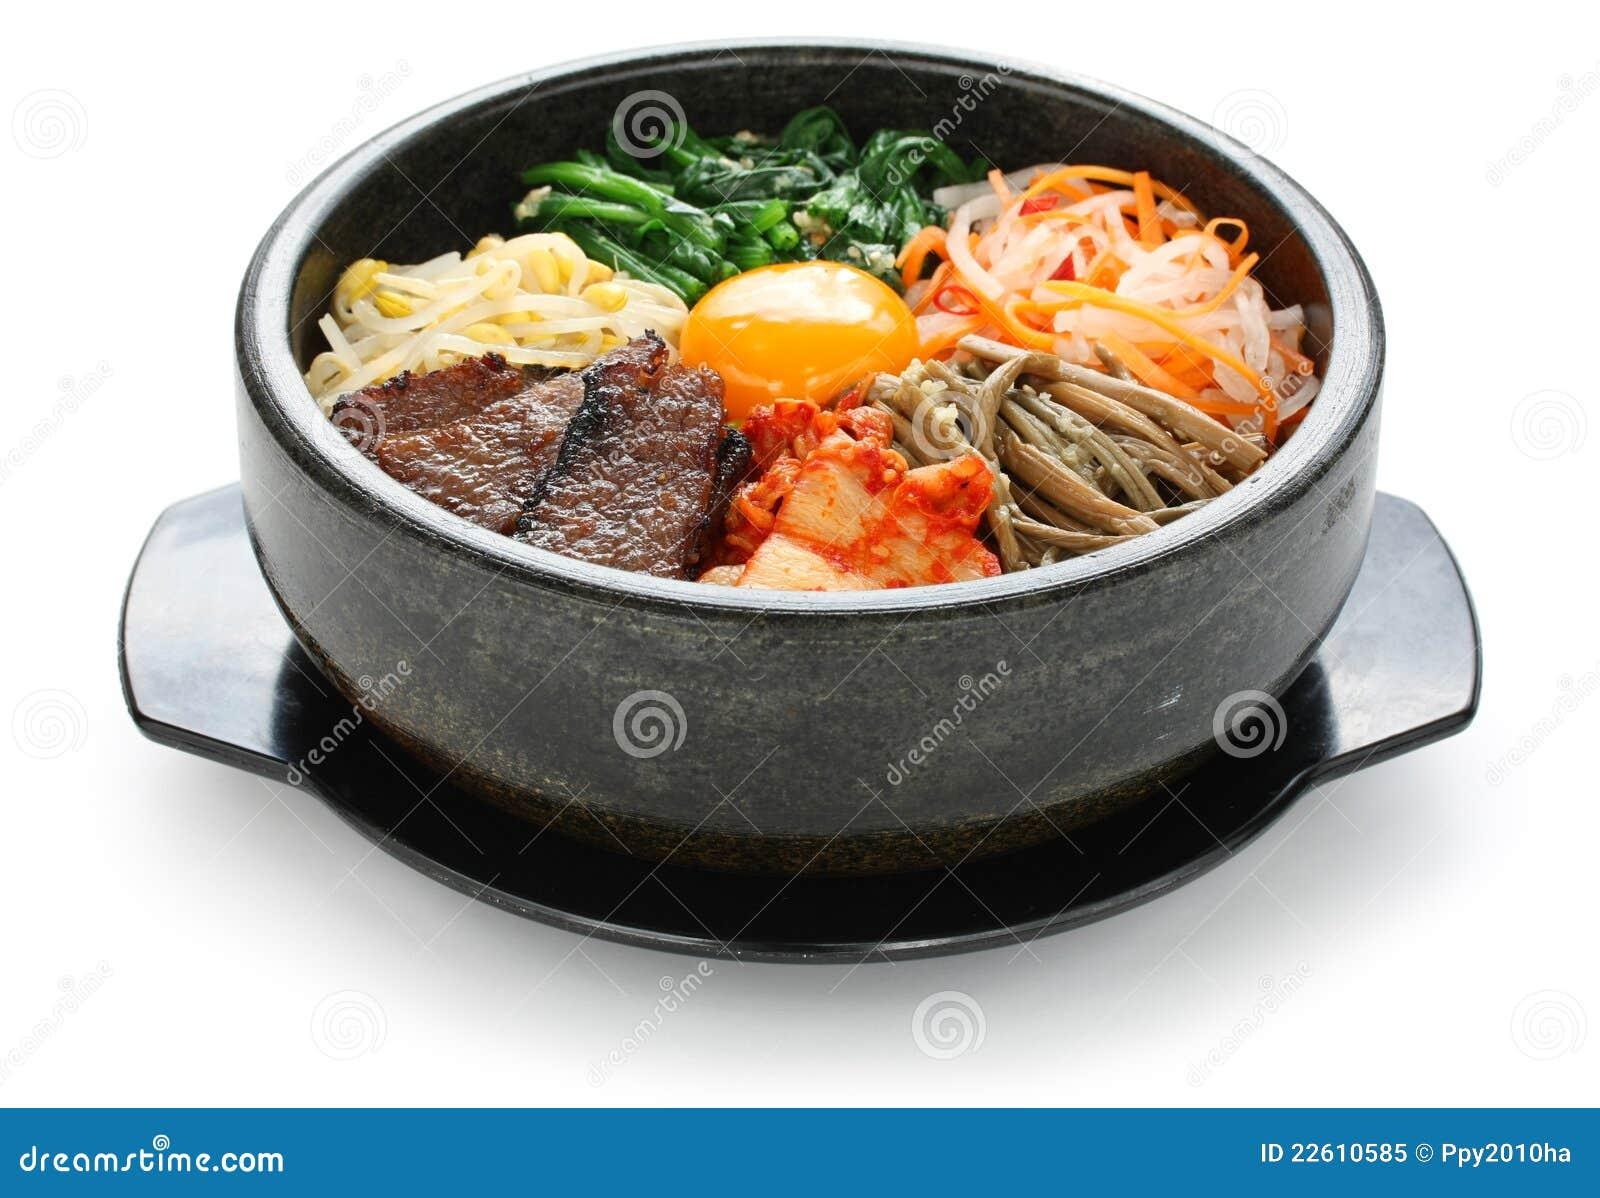 bibimbap, koreanische küche lizenzfreies stockfoto - bild: 22610585